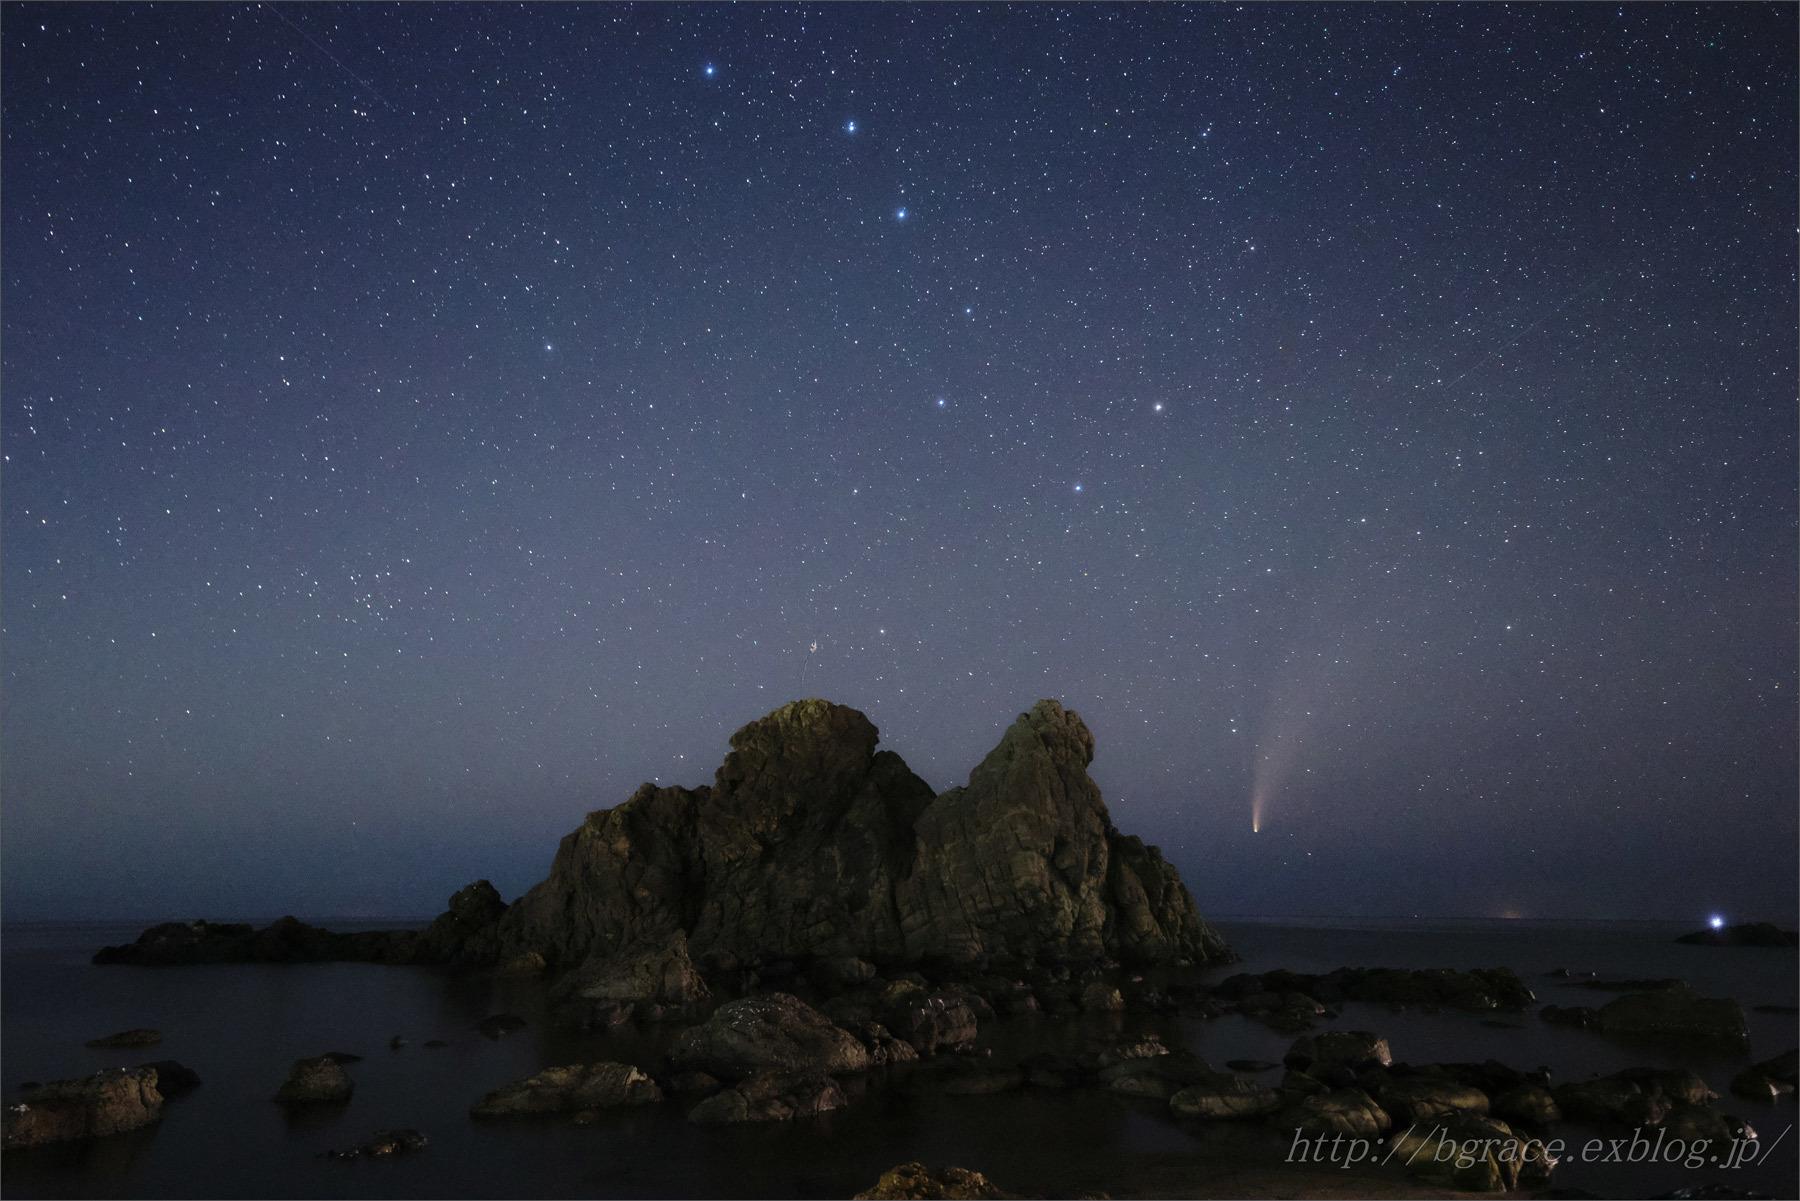 ネオワイズ彗星 (C/2020F3) 7月19日 山形県 Vol.3_b0191074_20294004.jpg